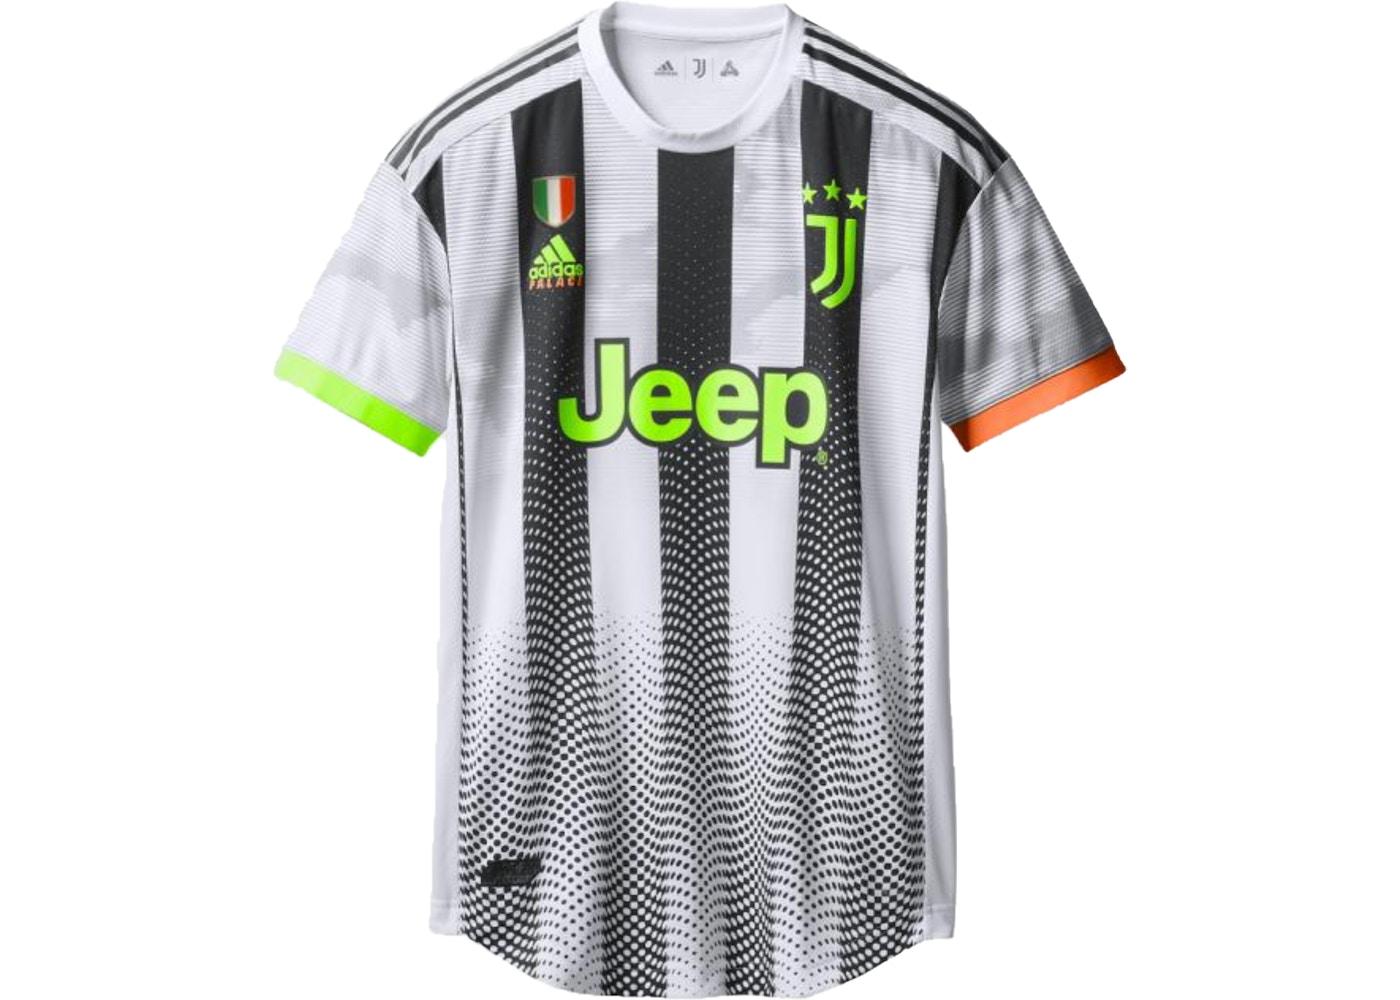 Palace Adidas Palace Juventus Authentic Dybala 10 Match Jersey White